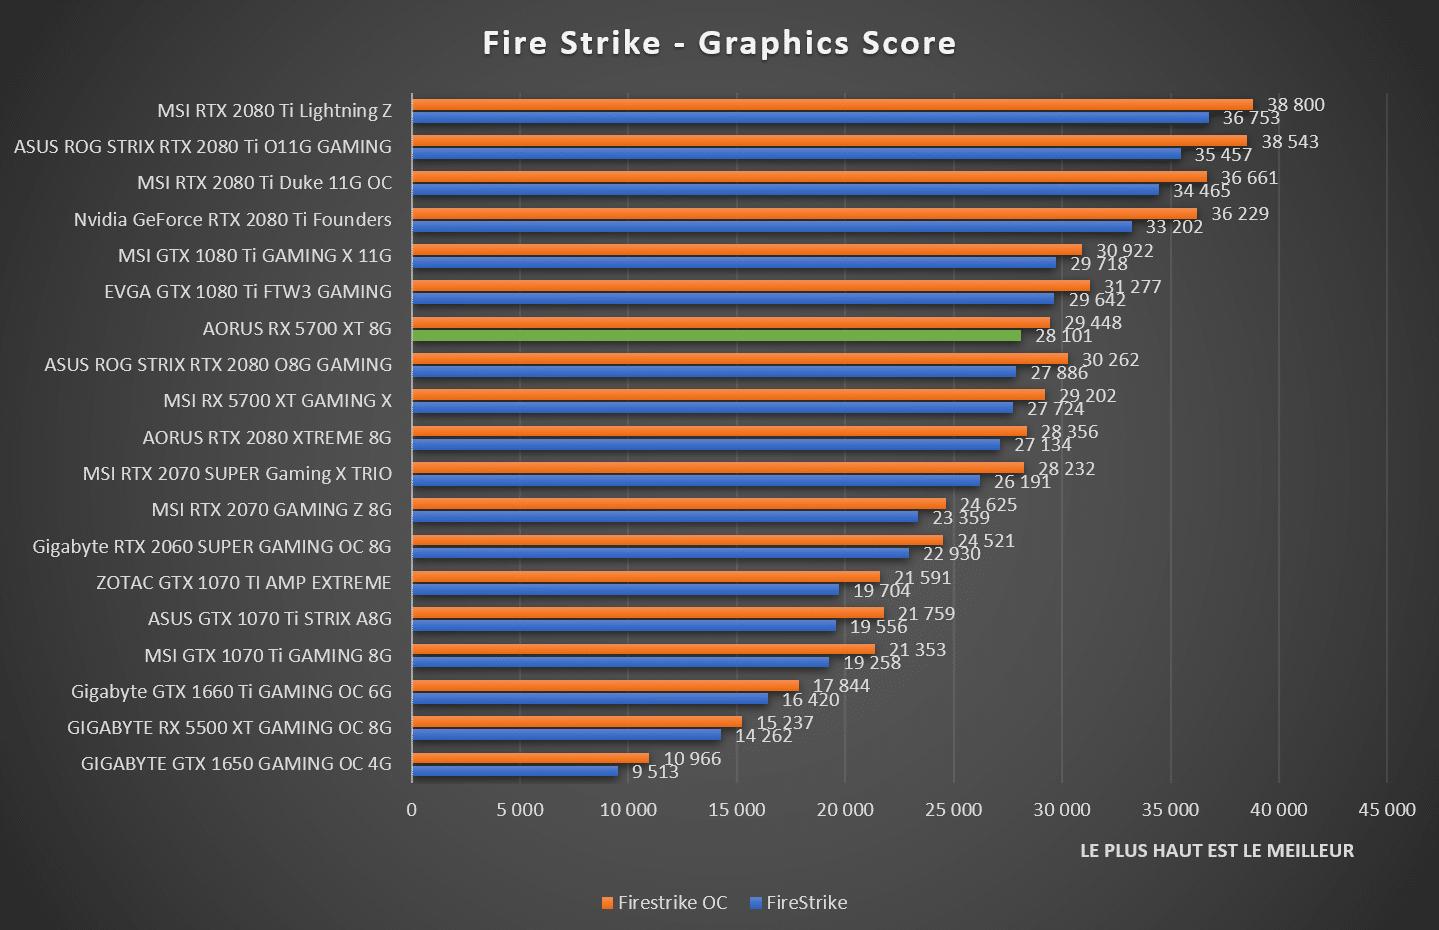 benchmark carte graphique 2020 Test : AORUS RX 5700 XT 8G, une bonne carte graphique gaming